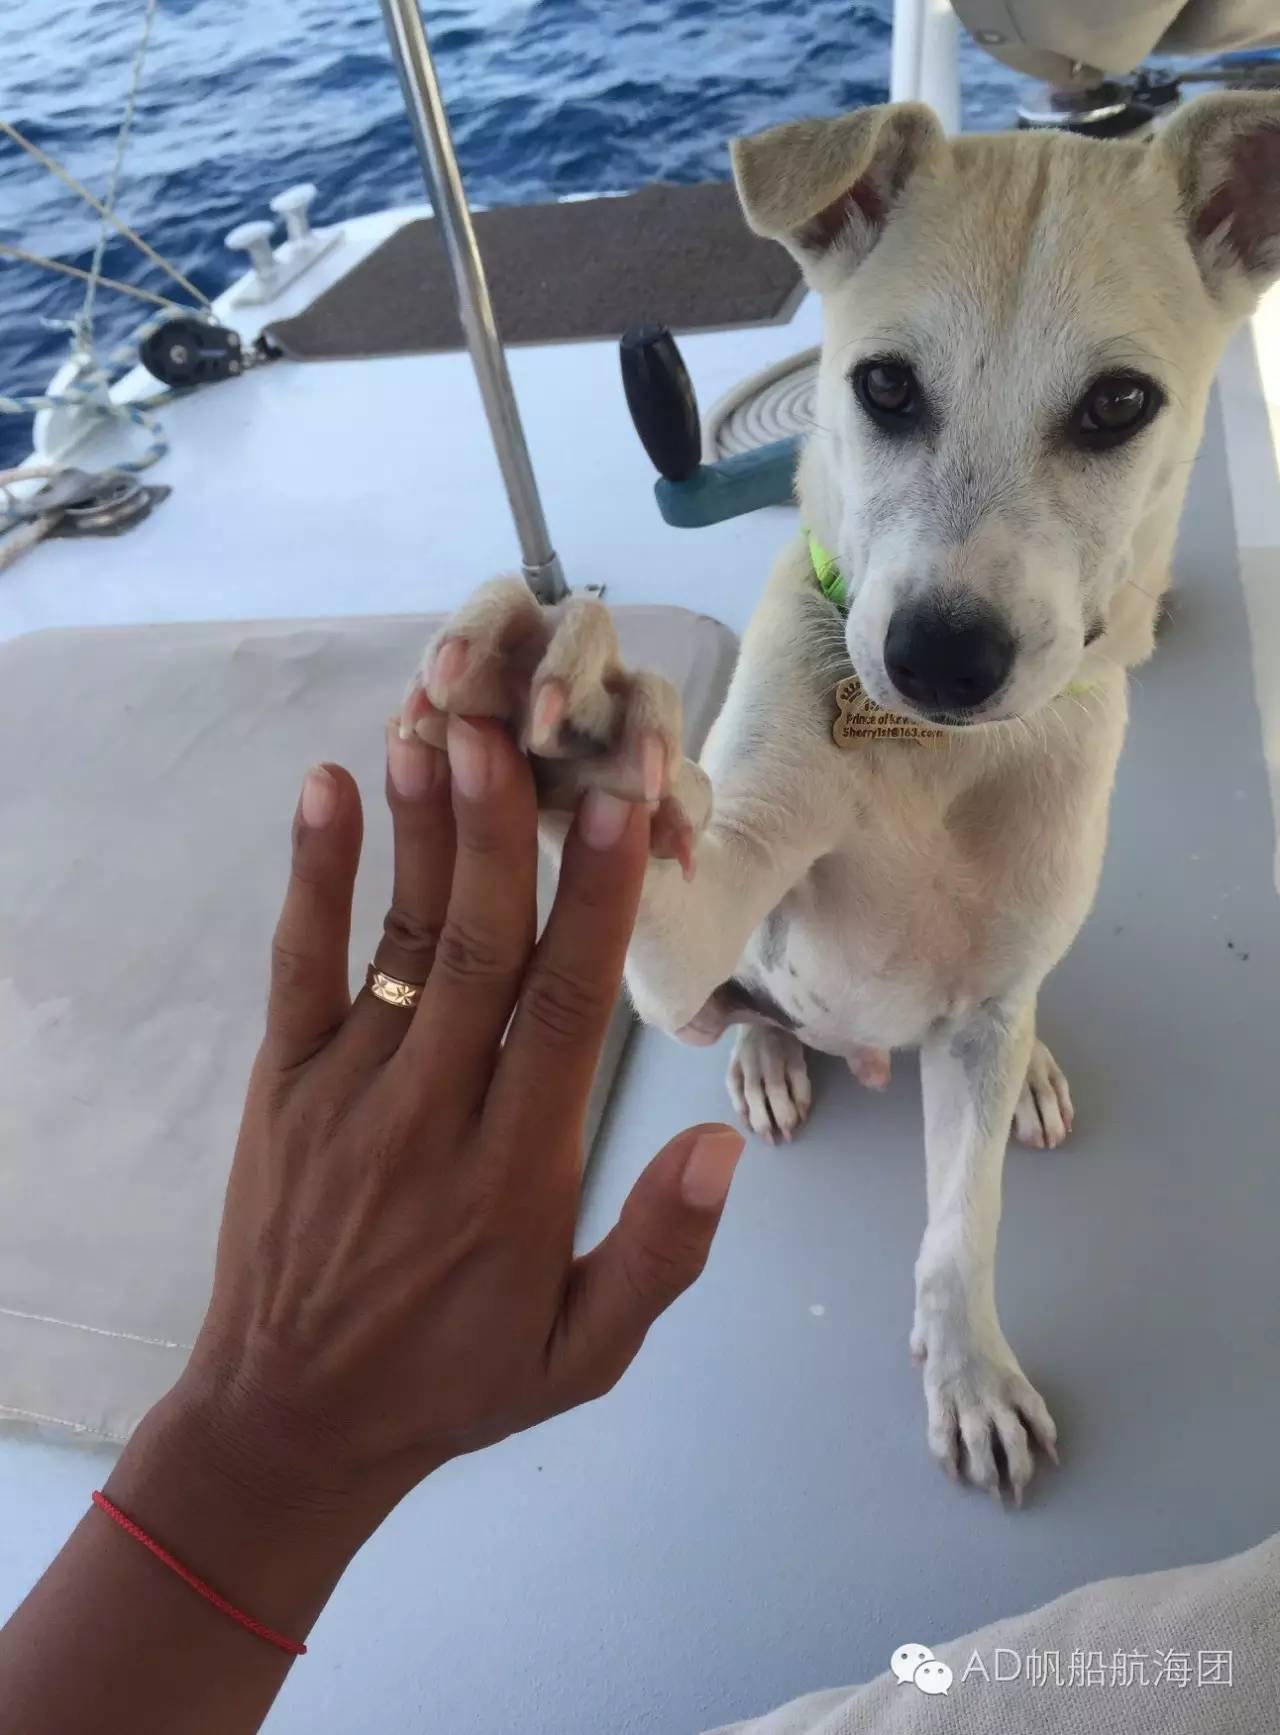 与航海无关—一只水手狗的羁绊 89ddd57693dfc033e5bbdfb7ee18e012.jpg